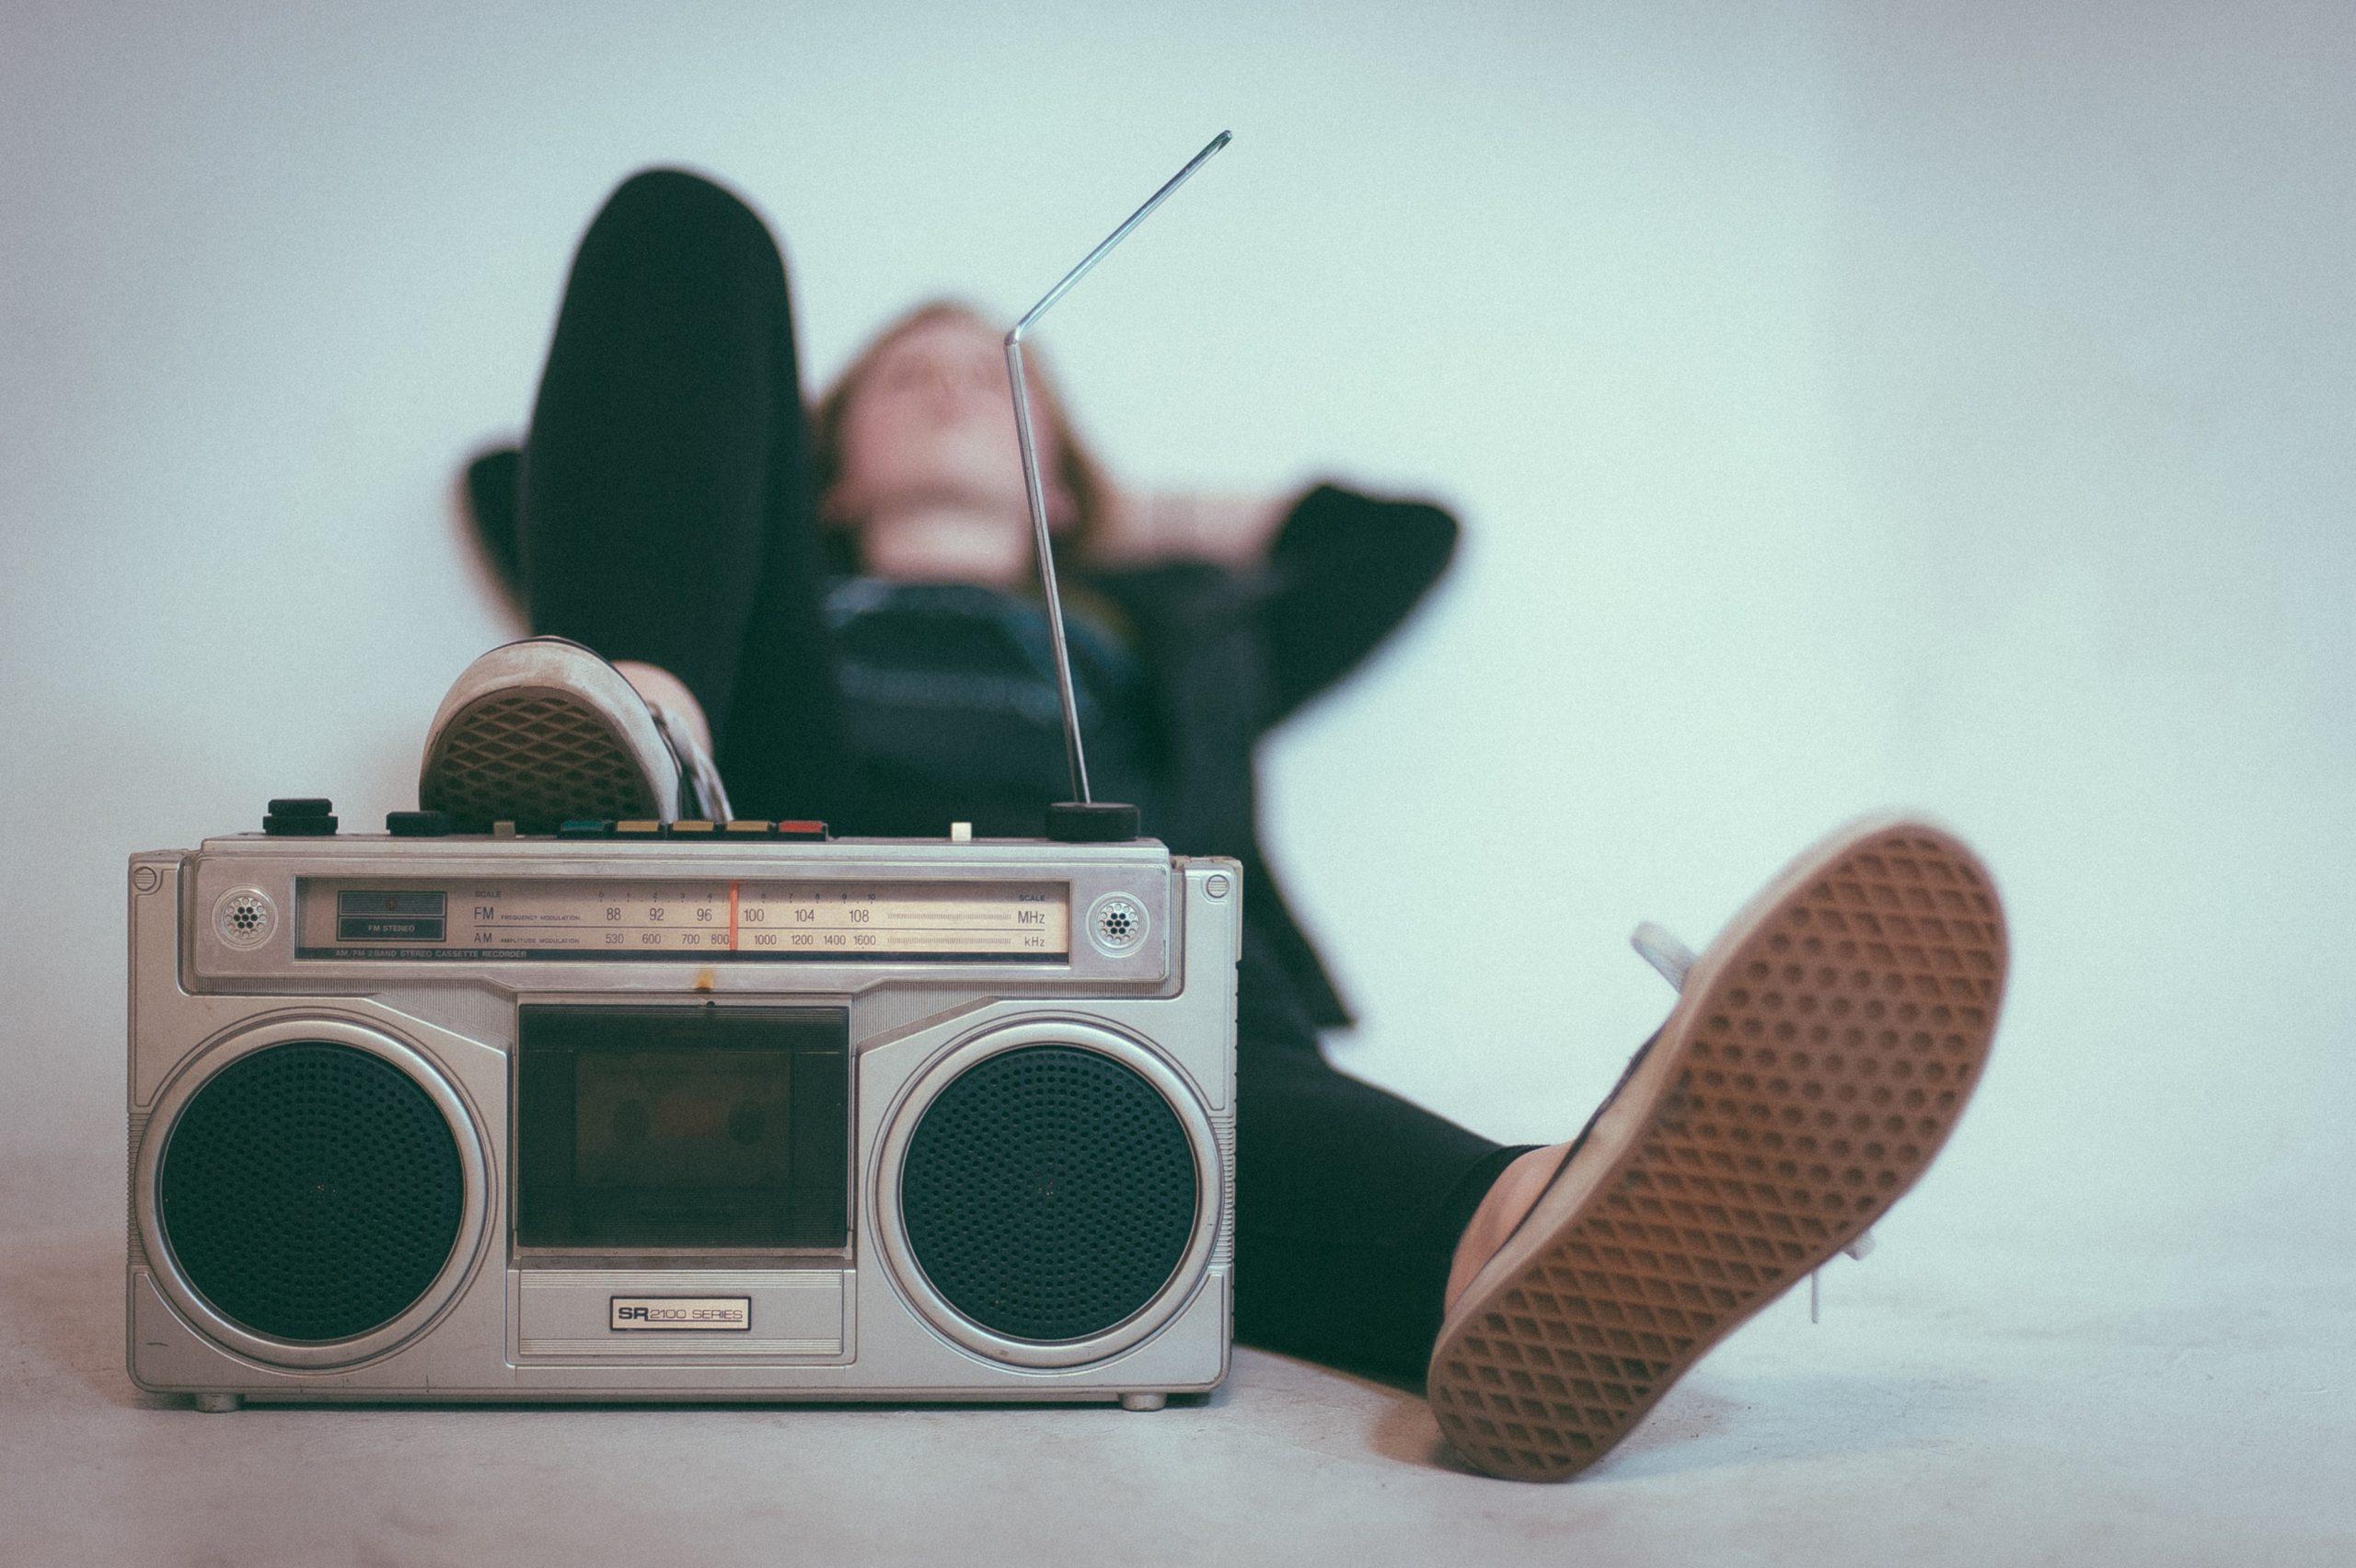 Muziek herkennen? Gebruik auto shazam!